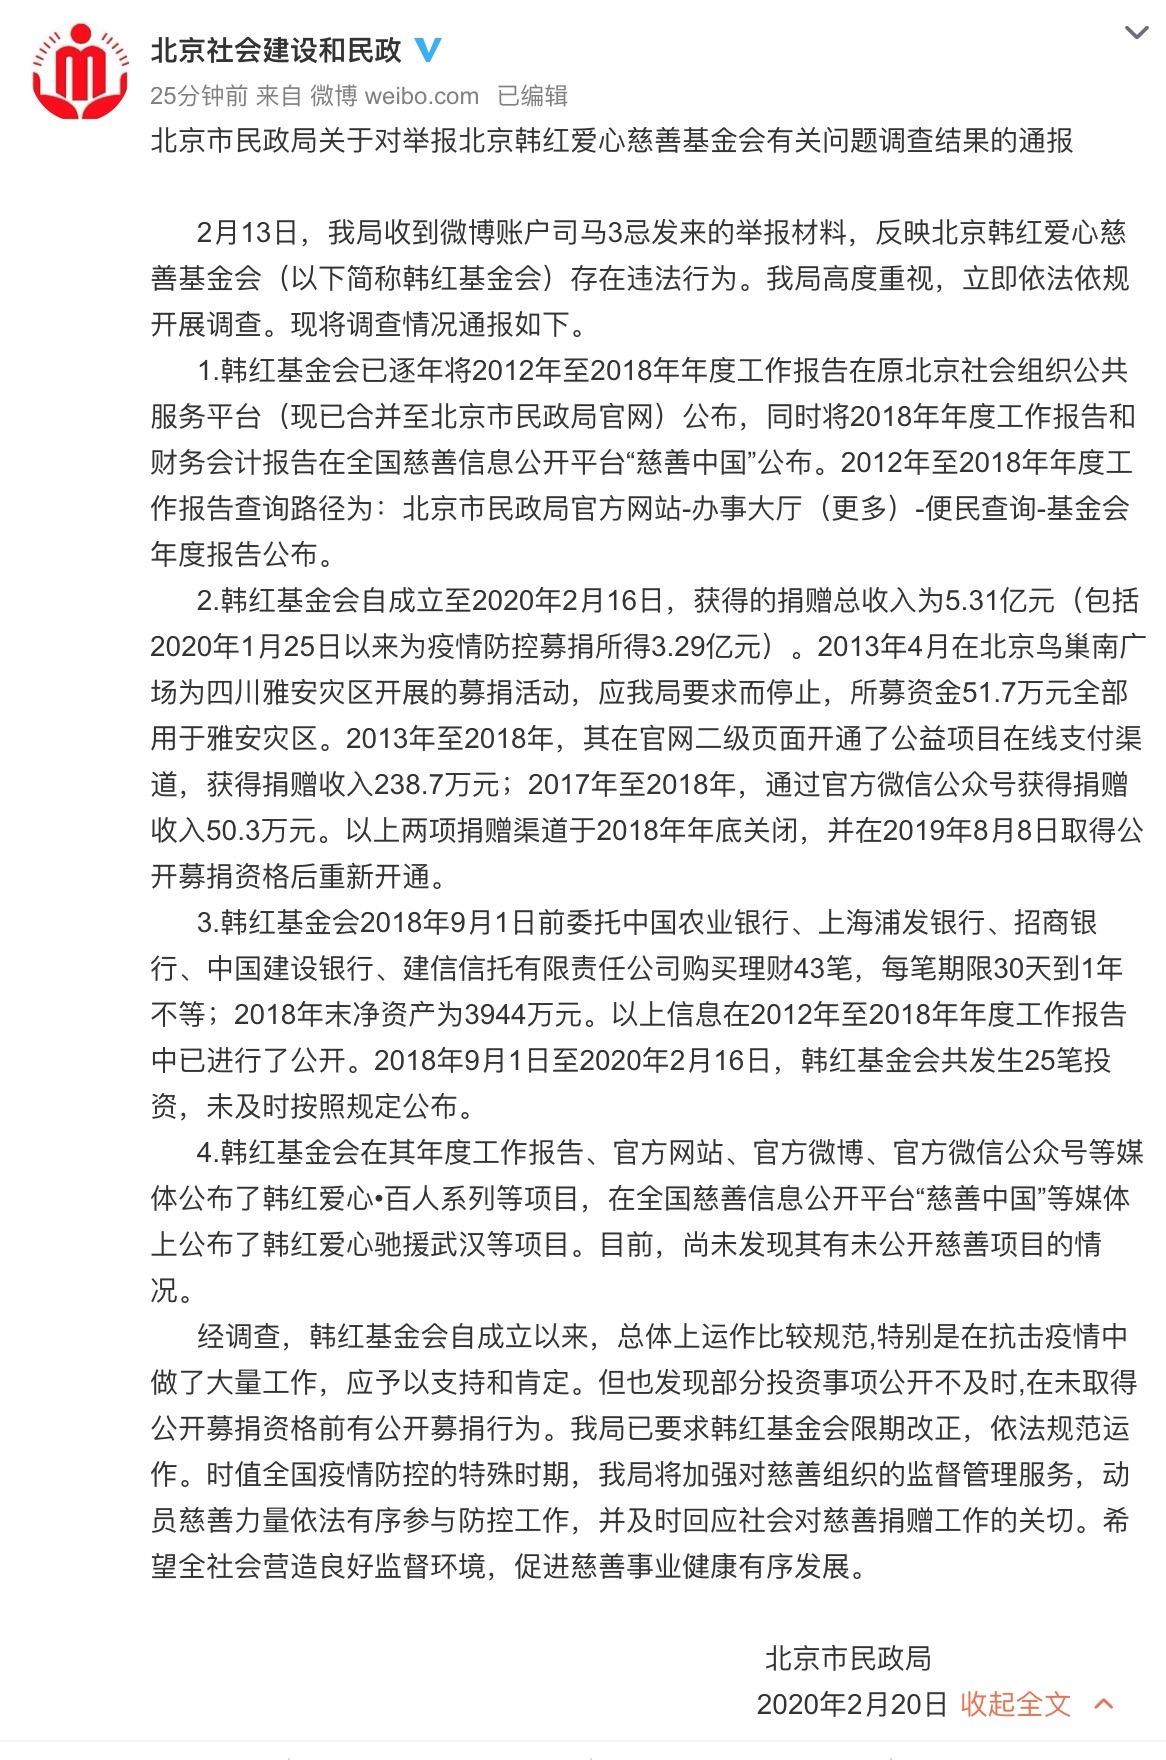 韩红慈善基金会被举报,北京民政局调查结果:总体运作规范